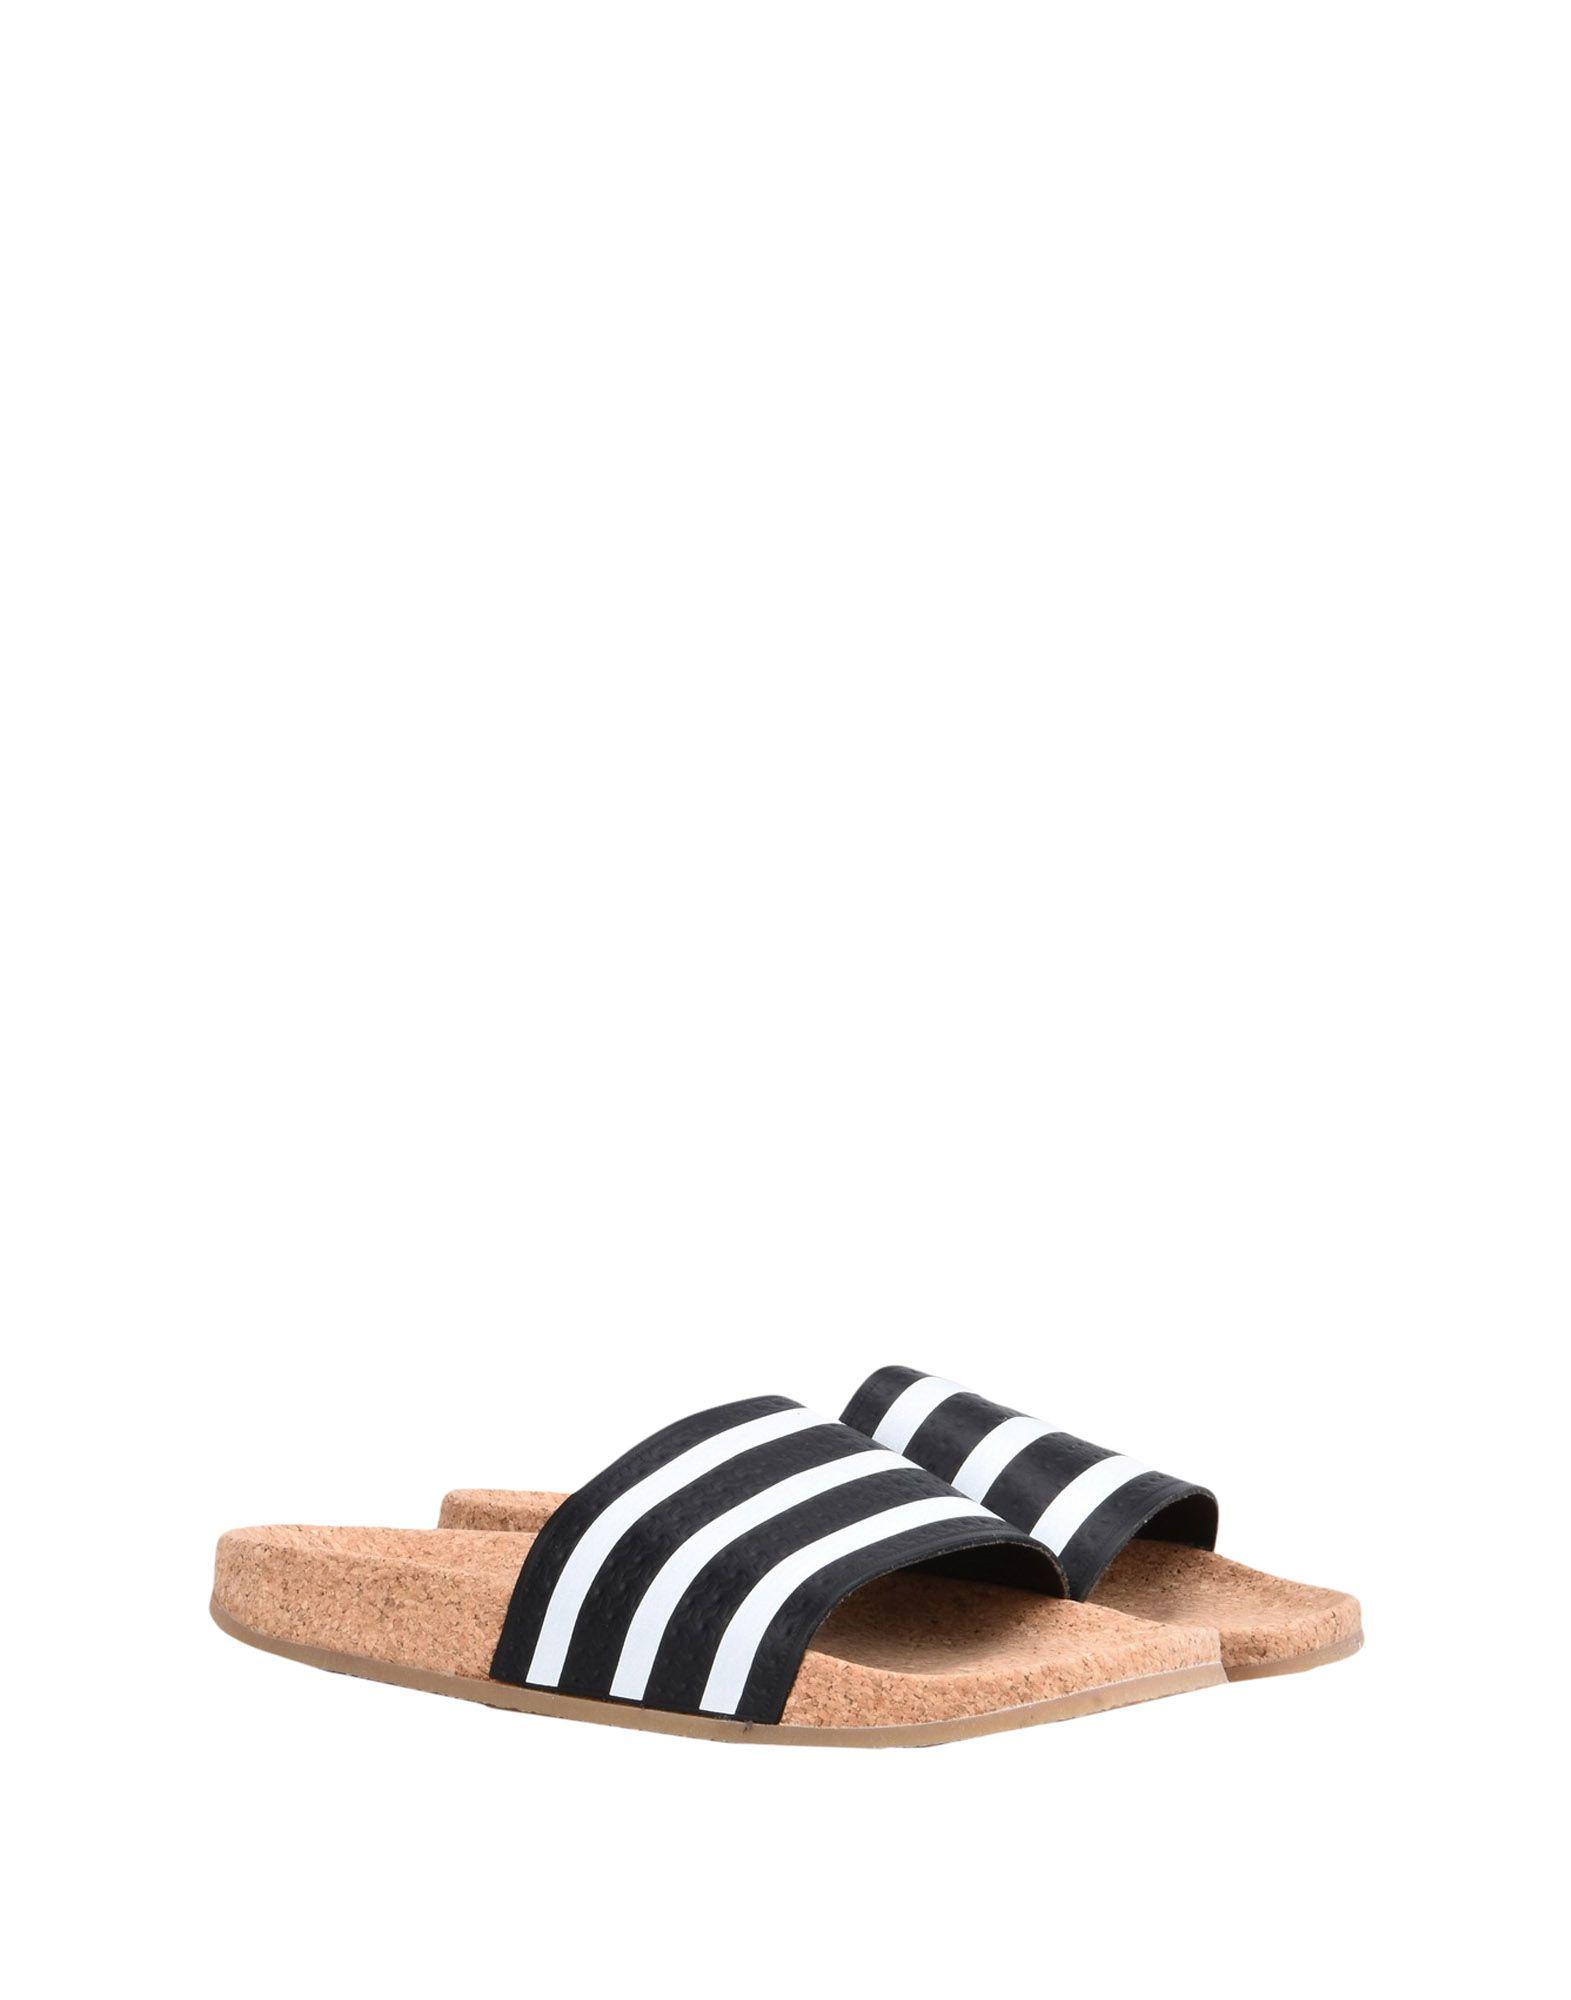 Sandales Adidas Originals Adilette Cork W - Femme - Sandales Adidas Originals sur